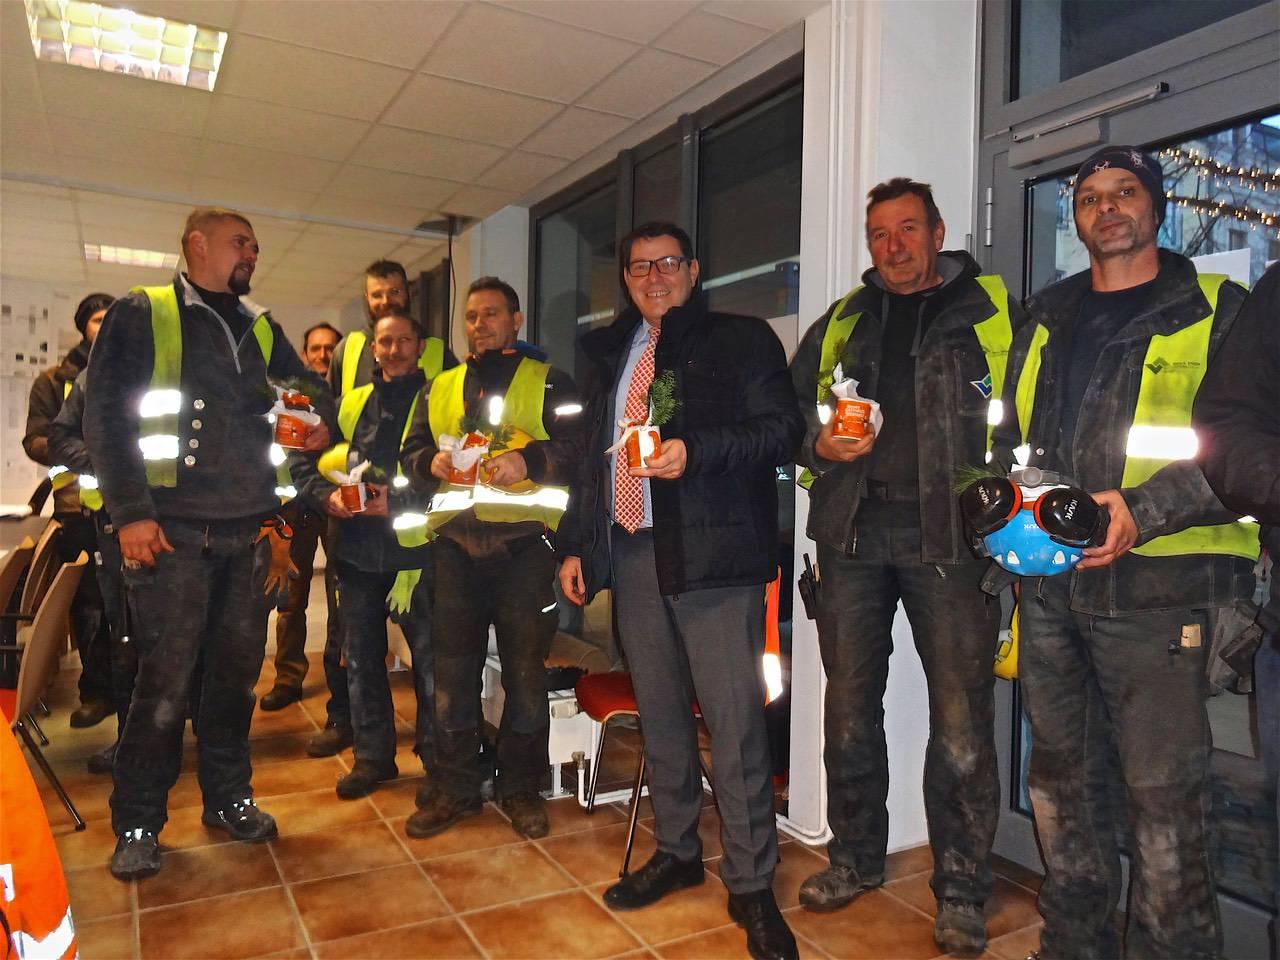 Rathausneubau Bernau: Stadt bedankte sich bei den Bauarbeitern